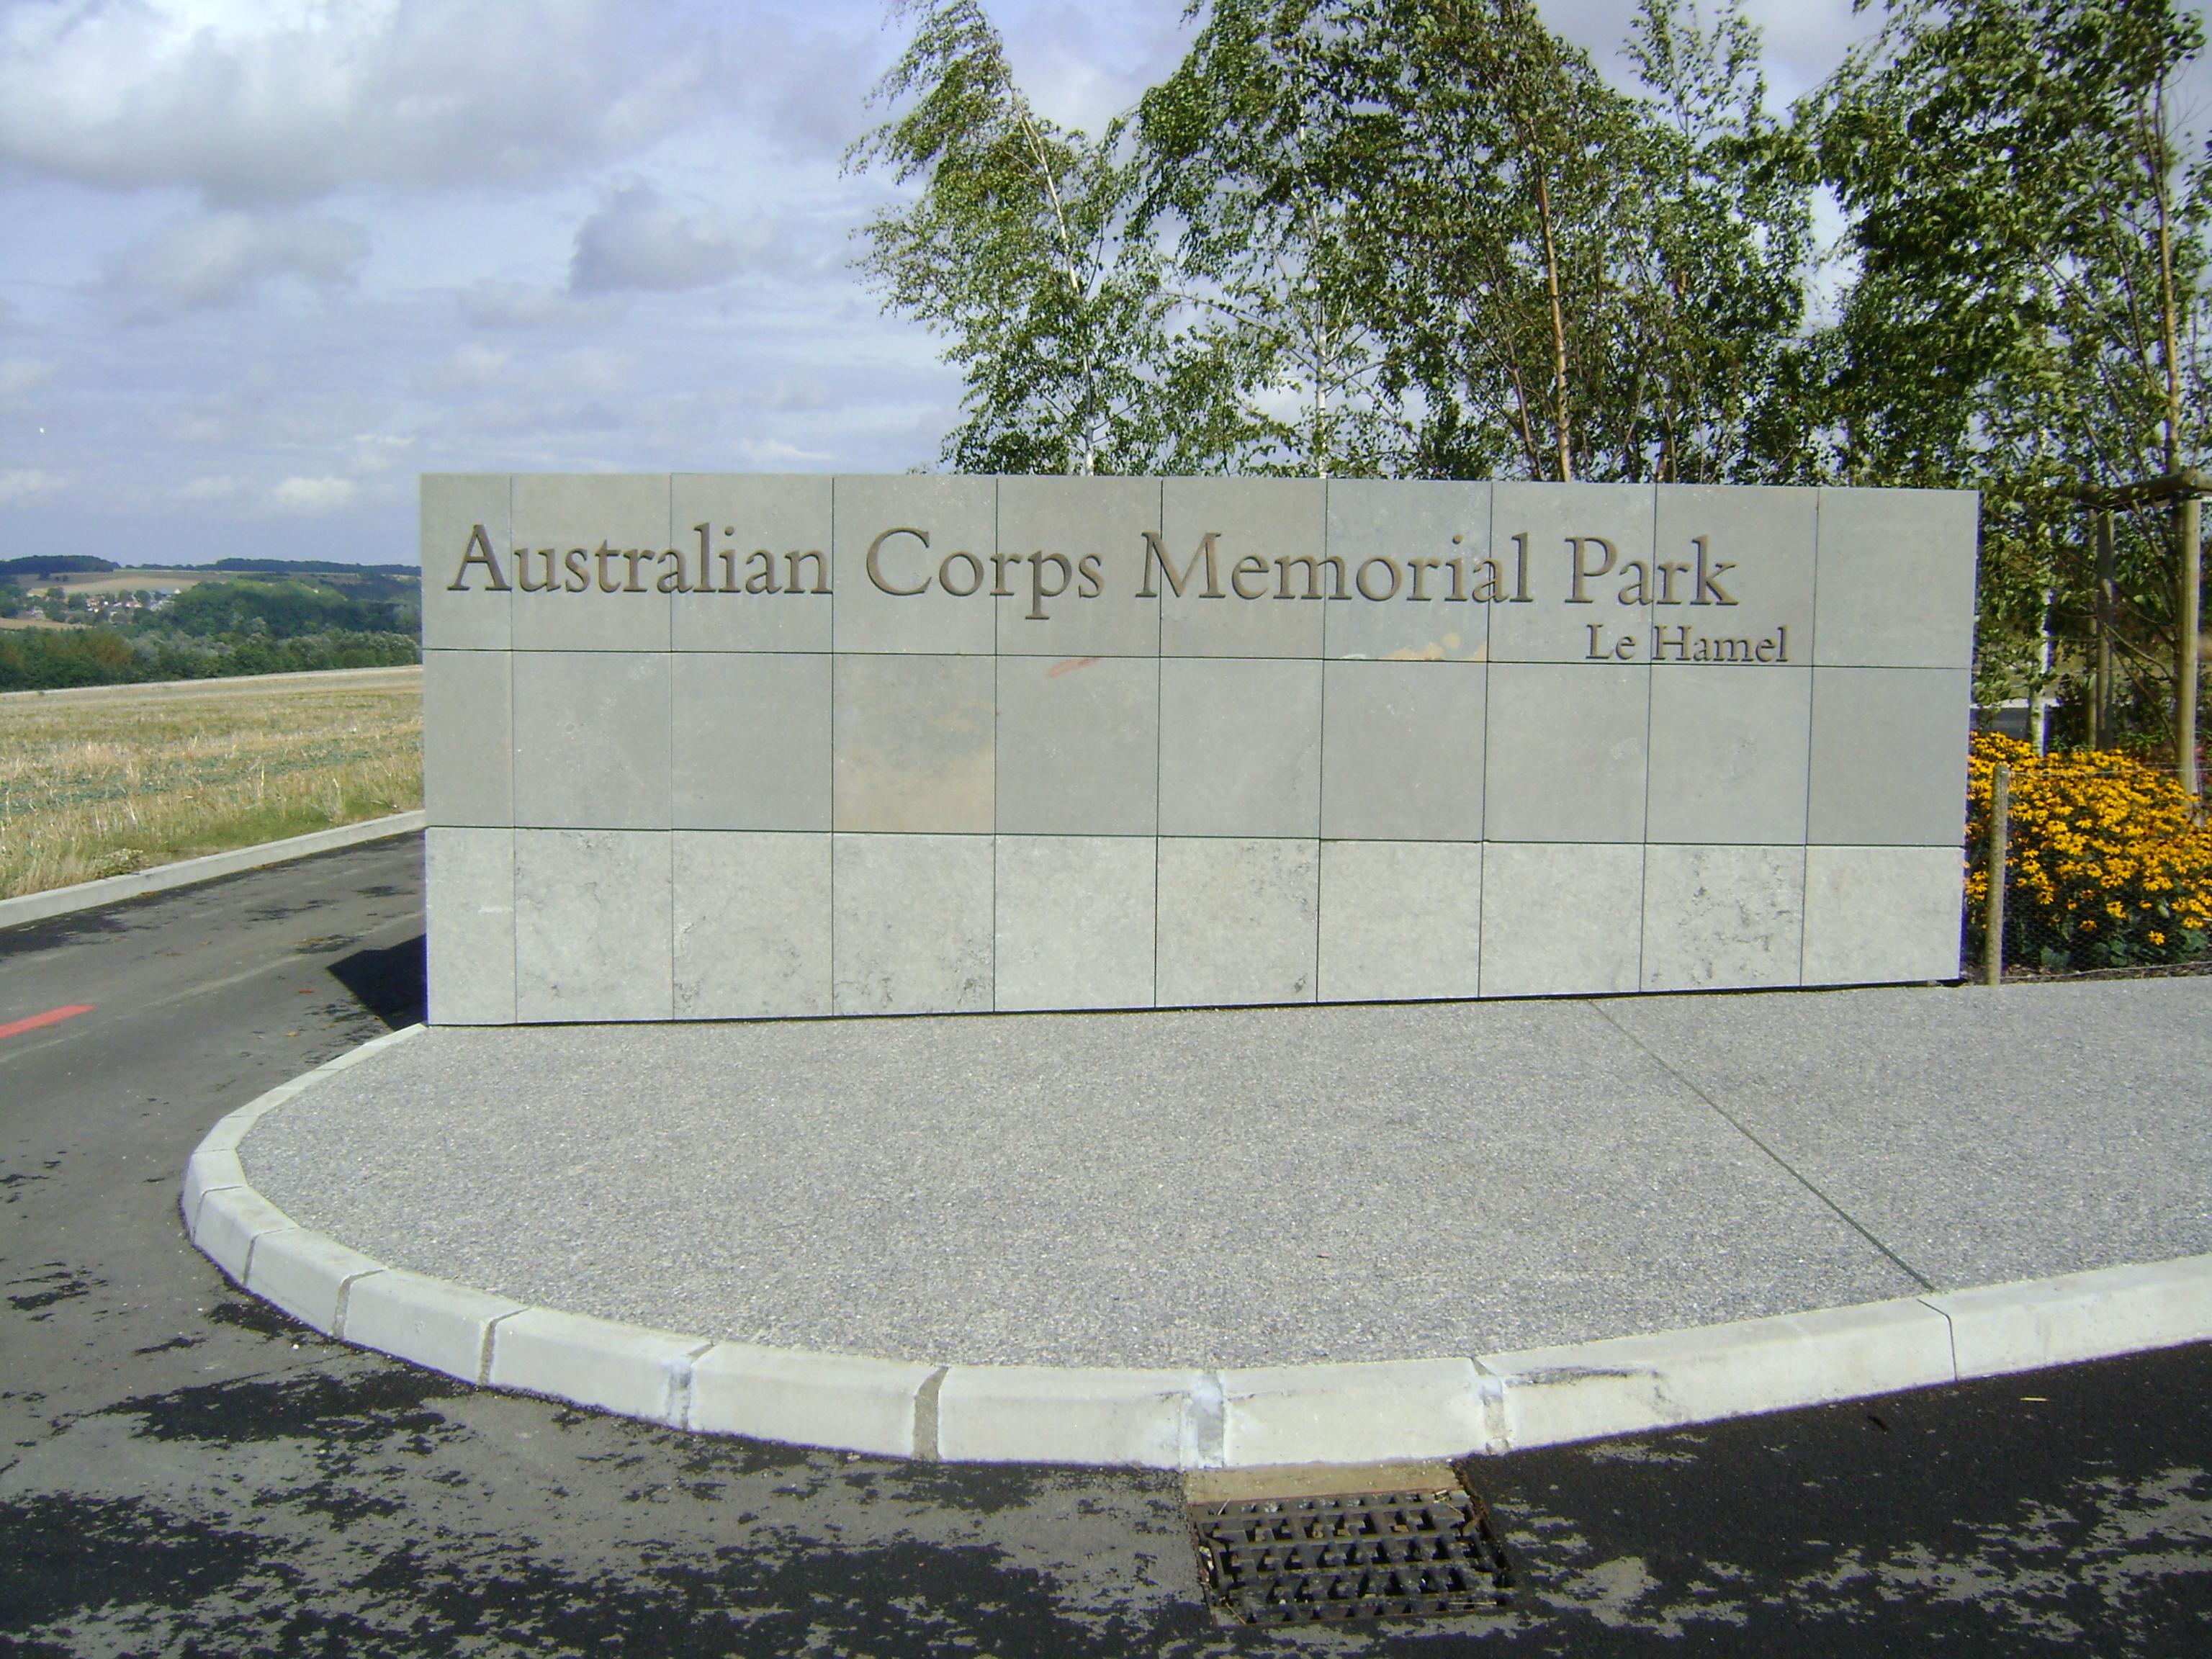 Australia Corps Memorial Park